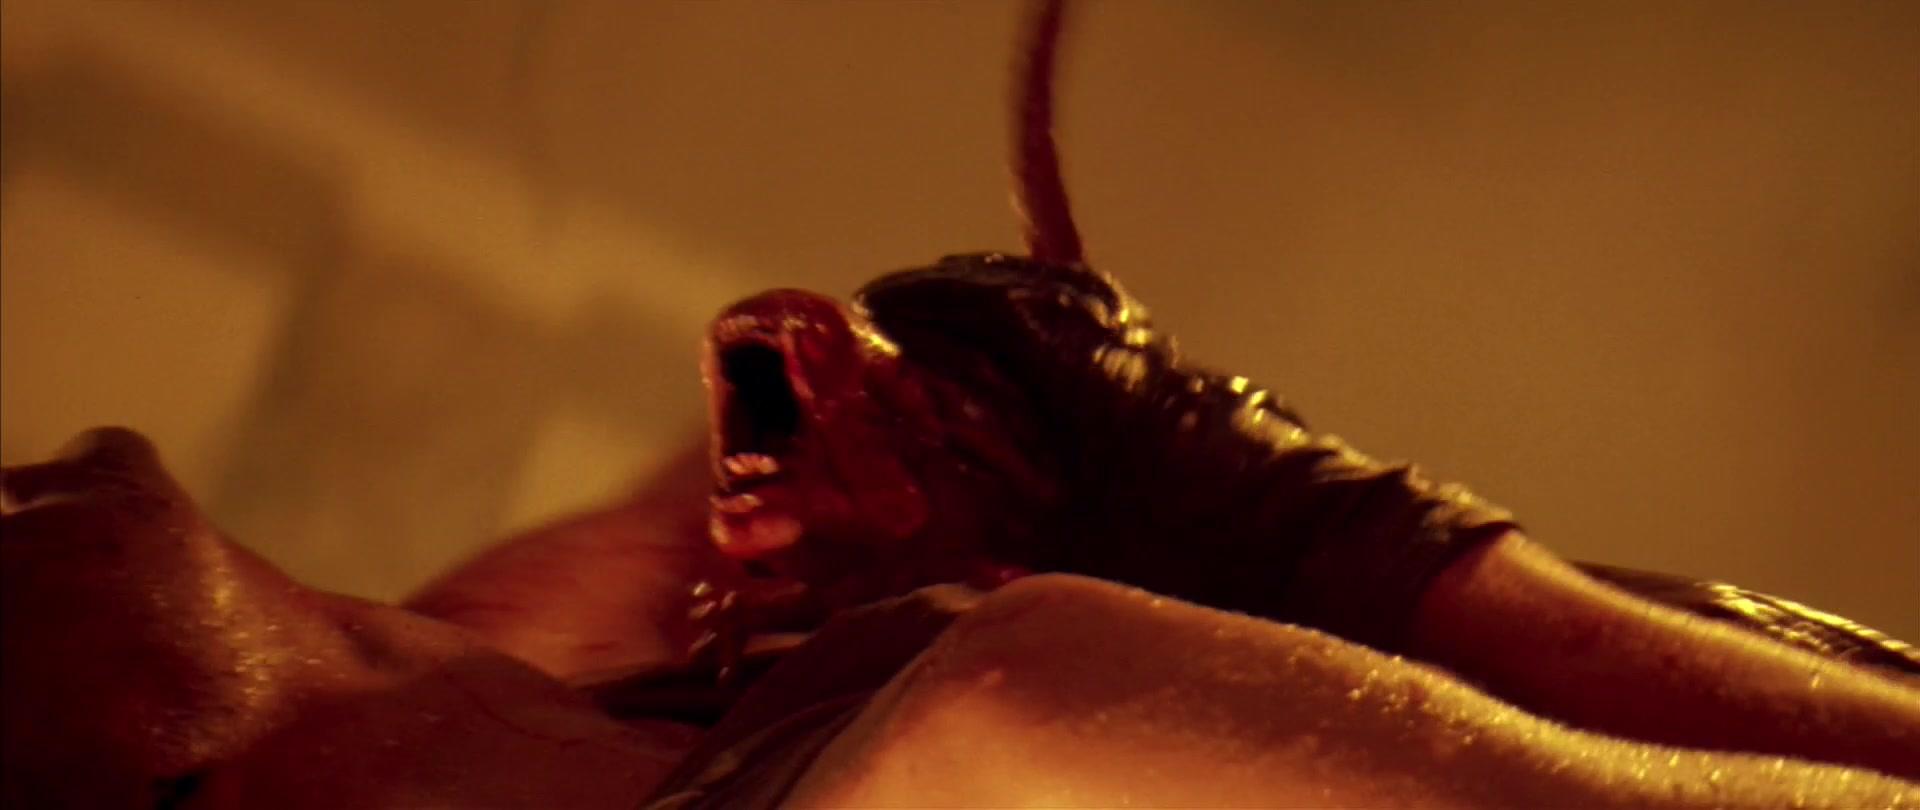 Image - Alien-3-chestburster-birth-death 510.jpg ...